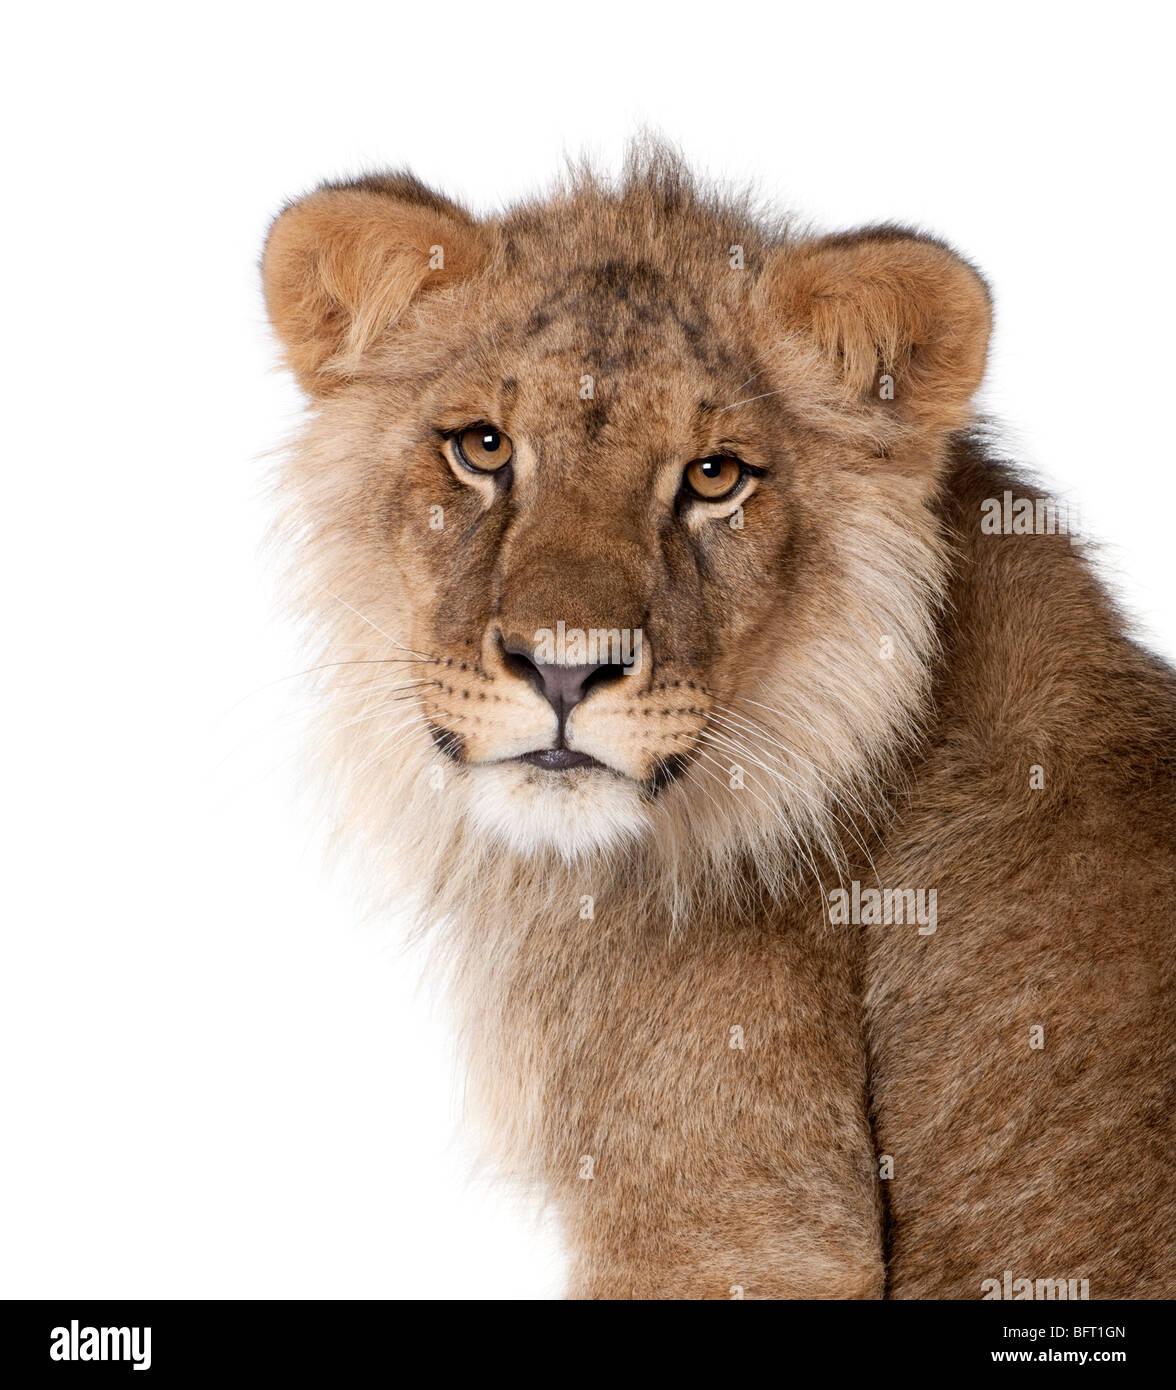 Lion Panthera leo, 9 mesi di età, di fronte a uno sfondo bianco, studio shot Immagini Stock